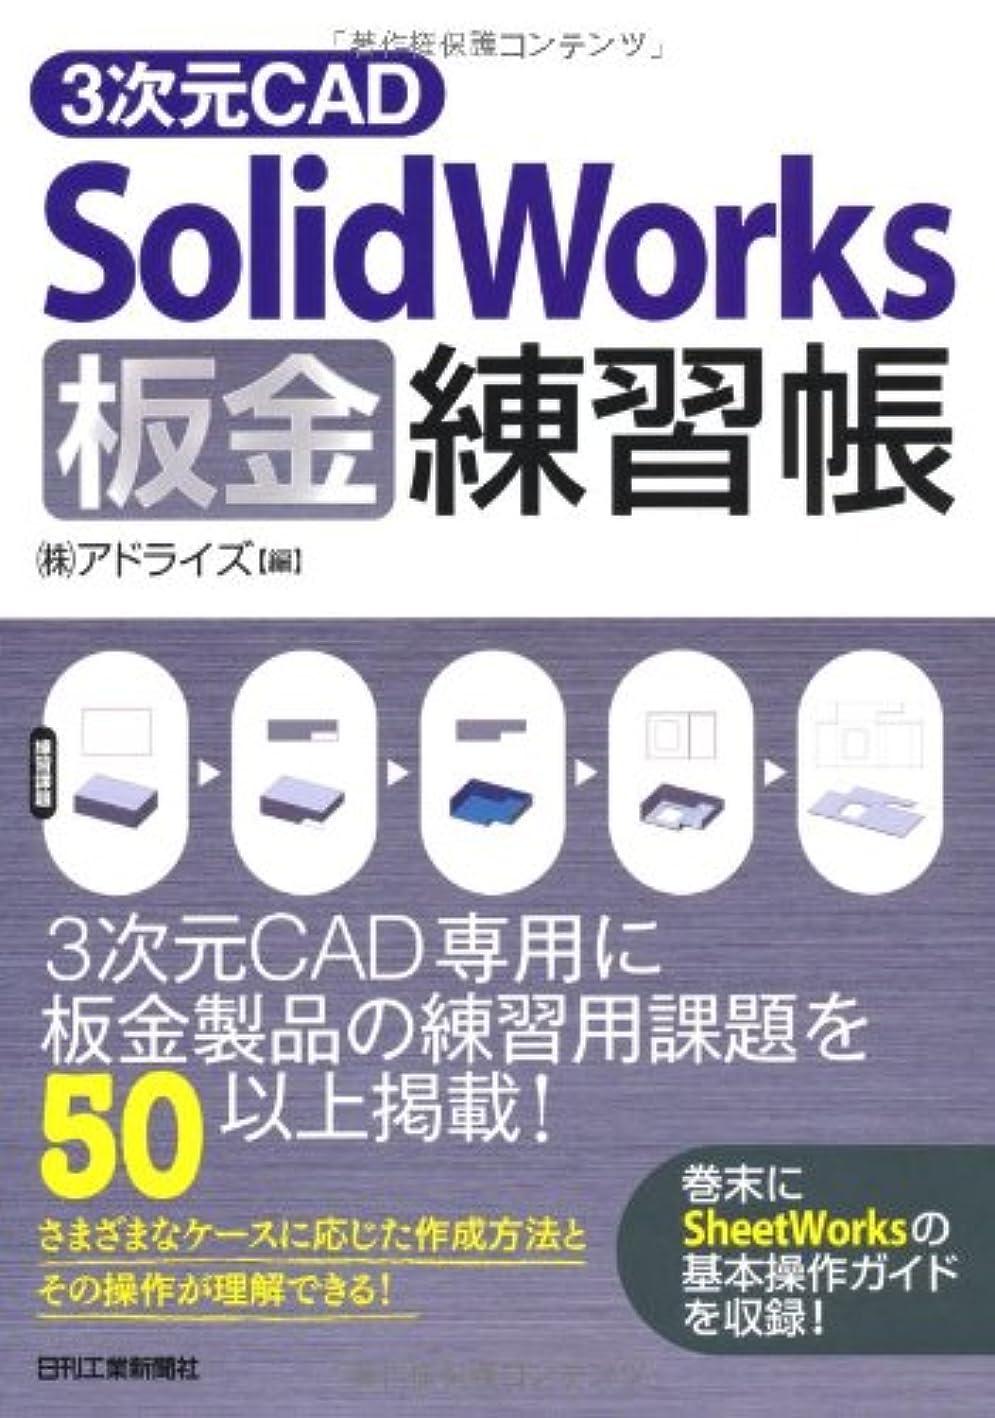 ギャラリーに応じて休日に3次元CAD「SolidWorks」板金練習帳